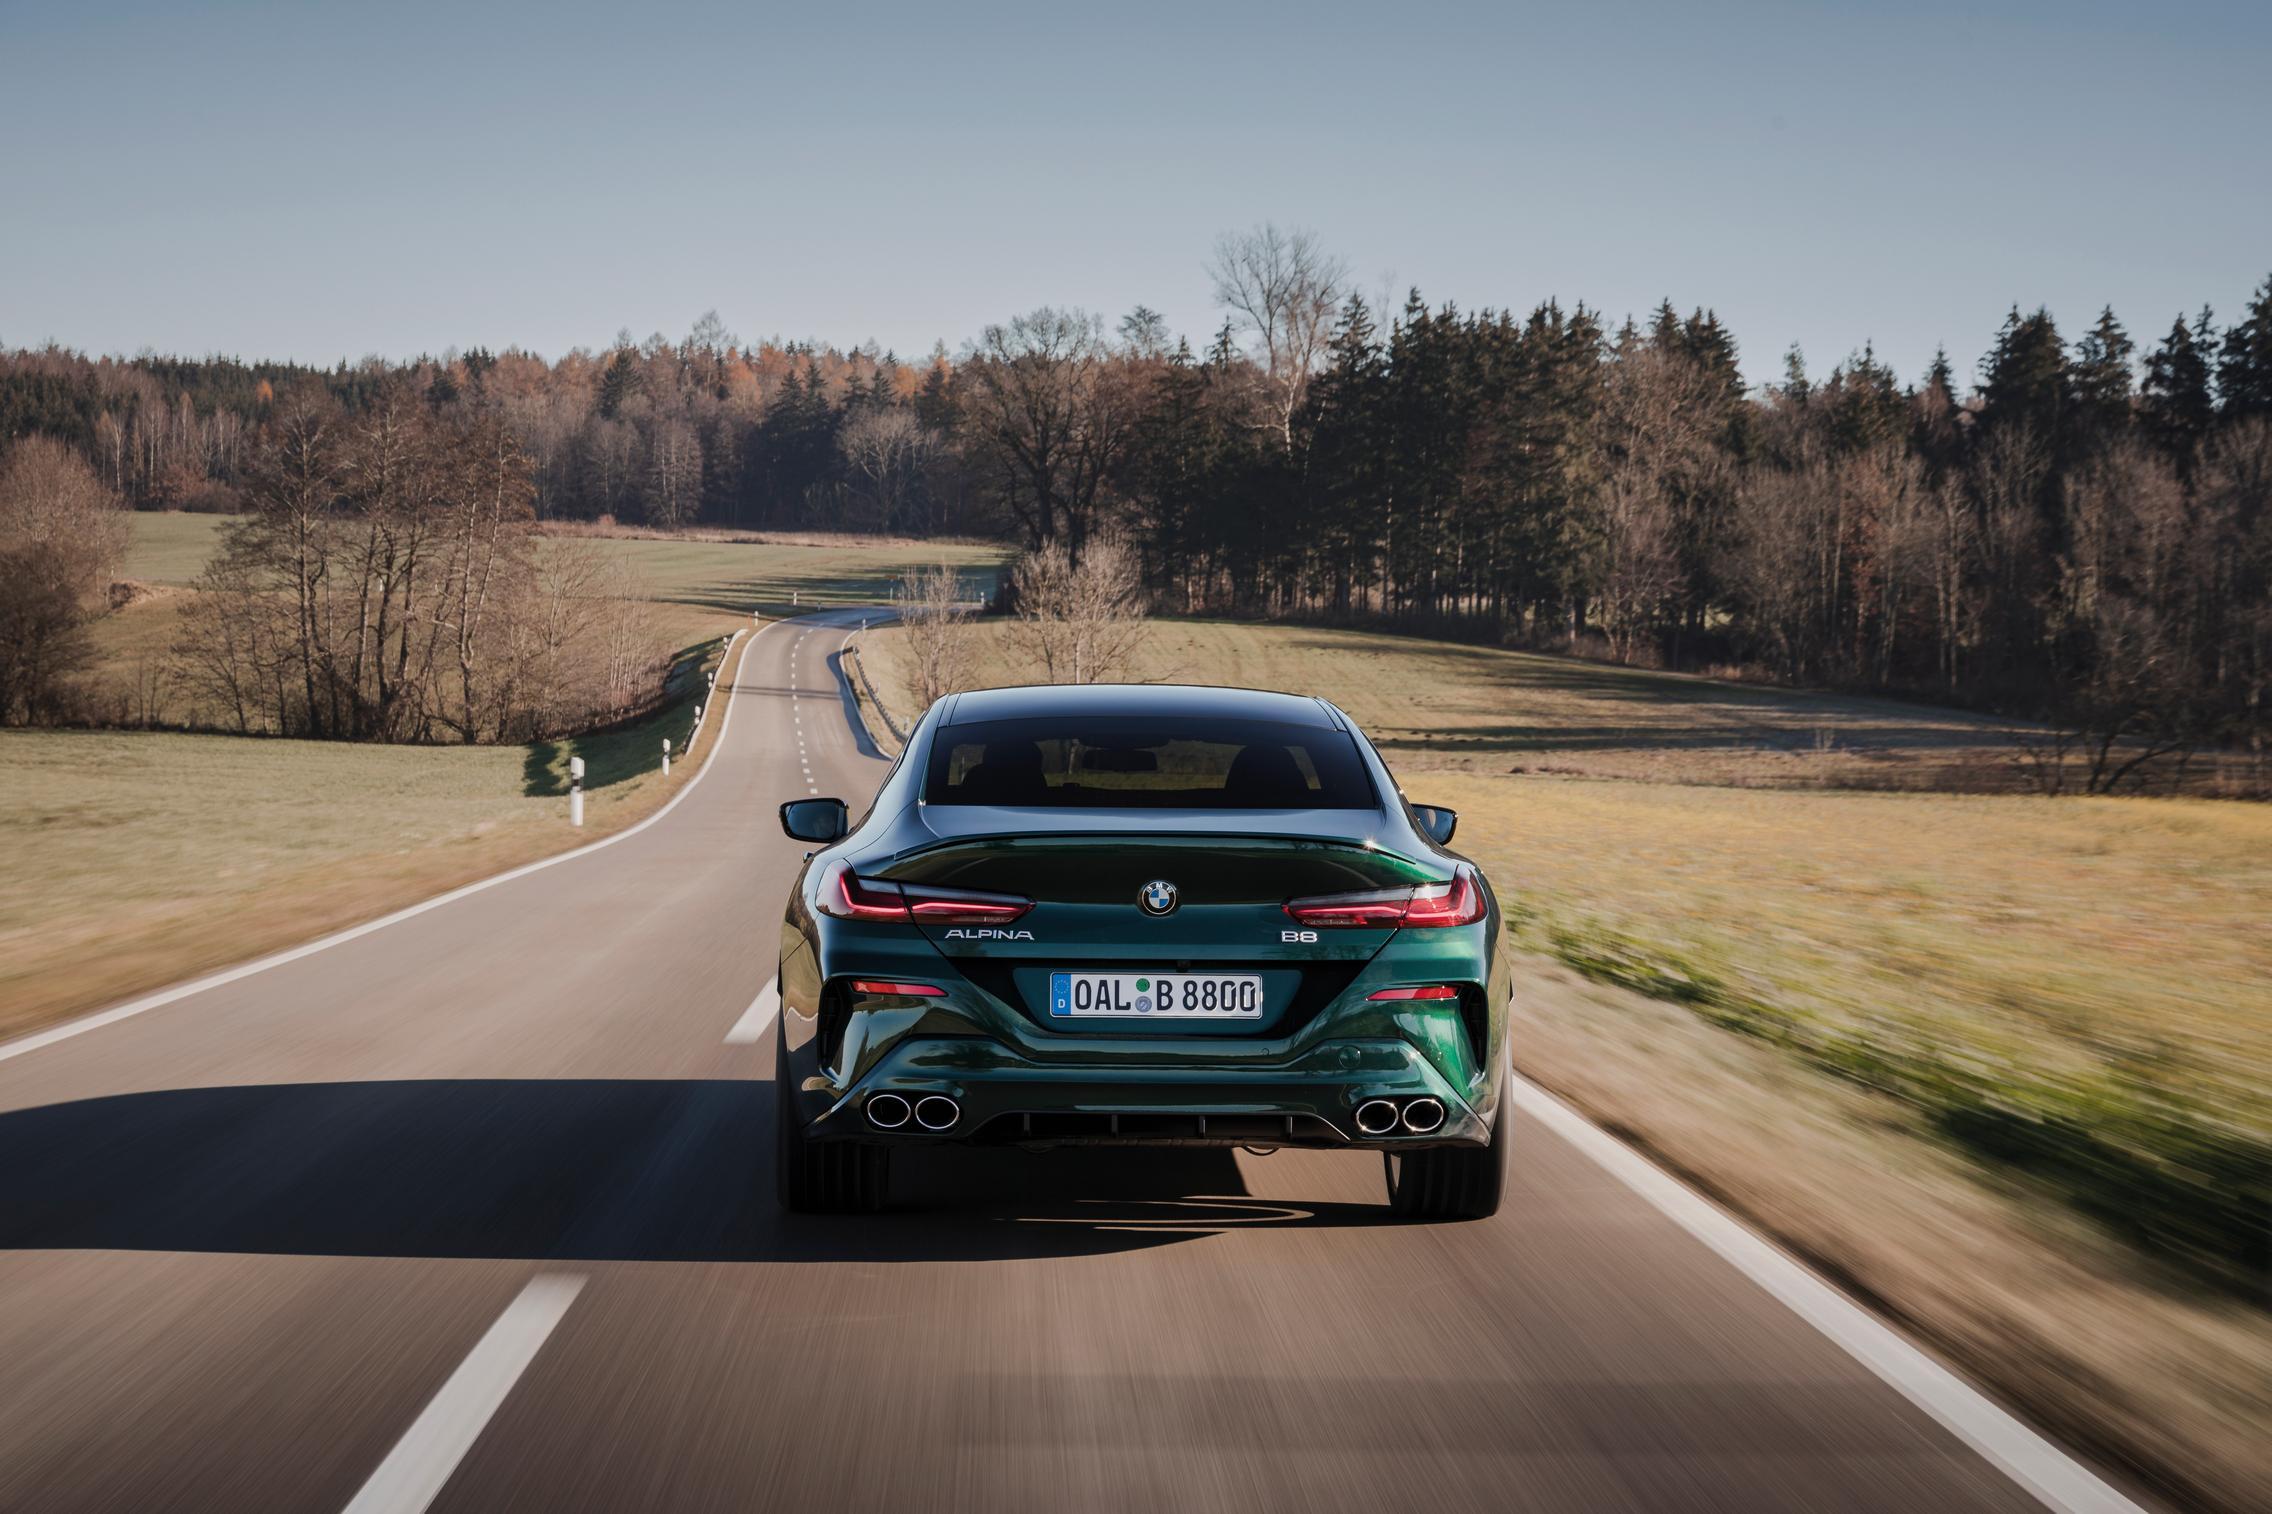 BMW-Alpina-B8-Gran-Coupe-price